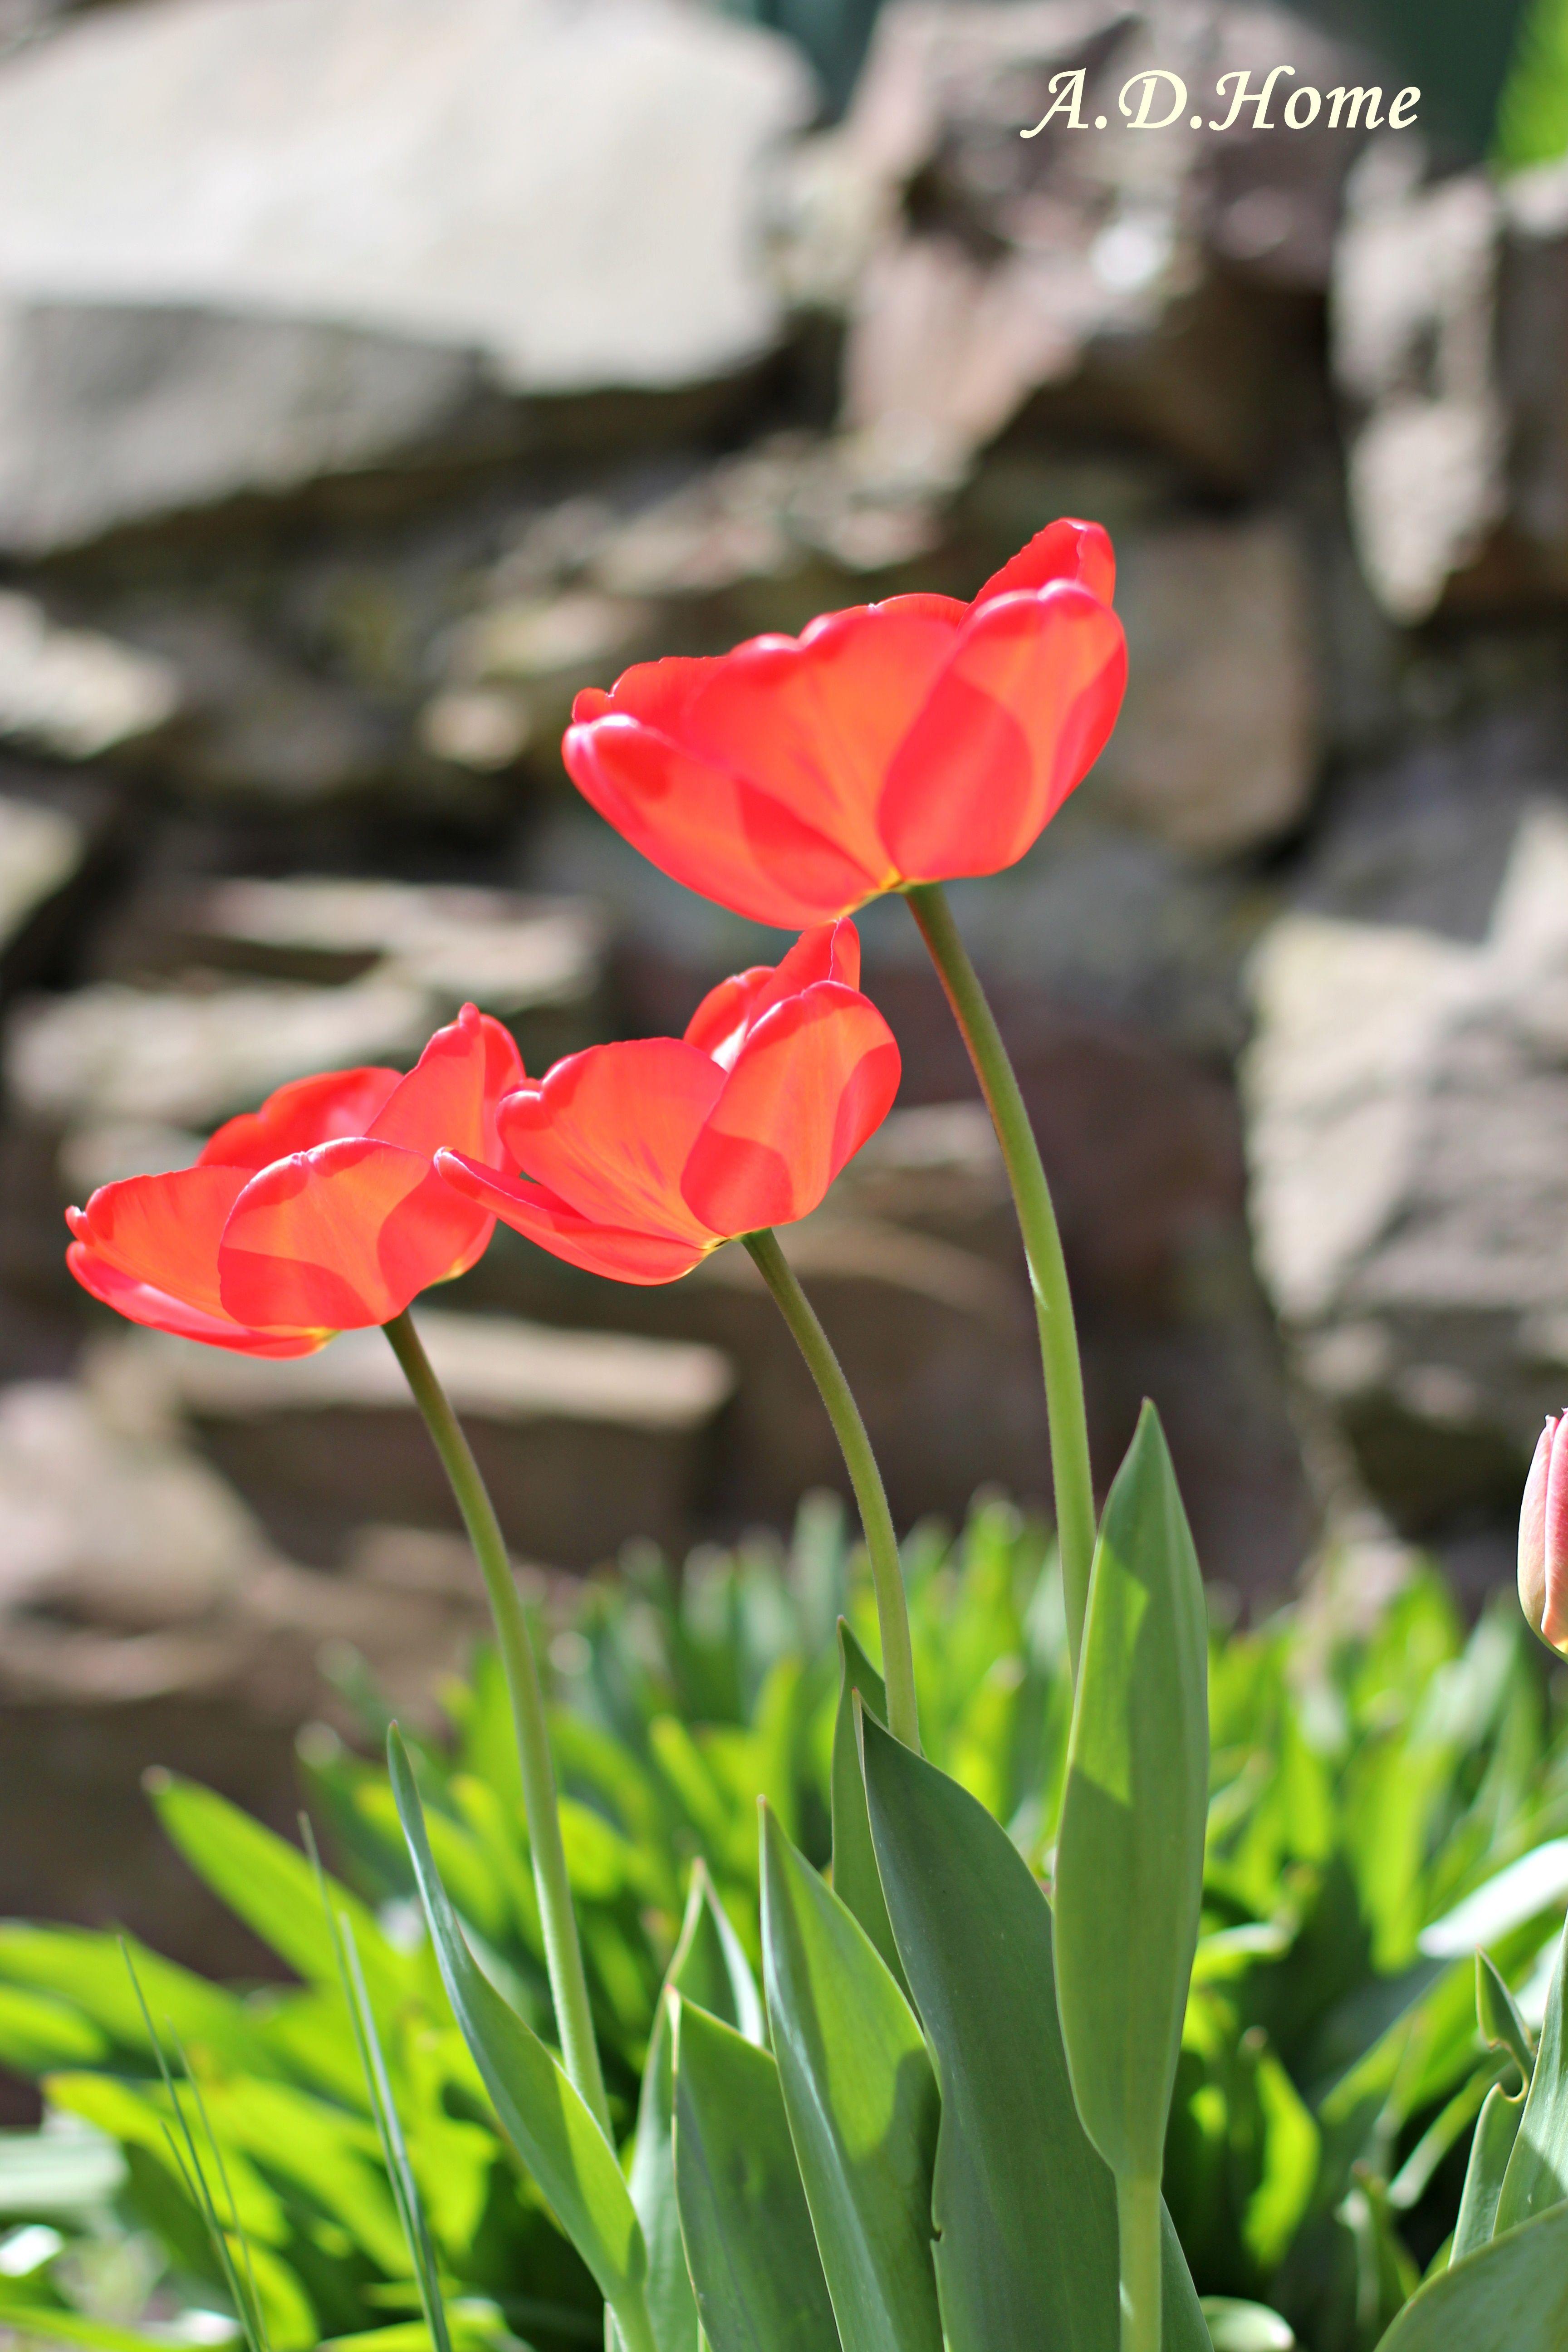 A D Home To Co Rece Stworza Kwiaty Ogrod